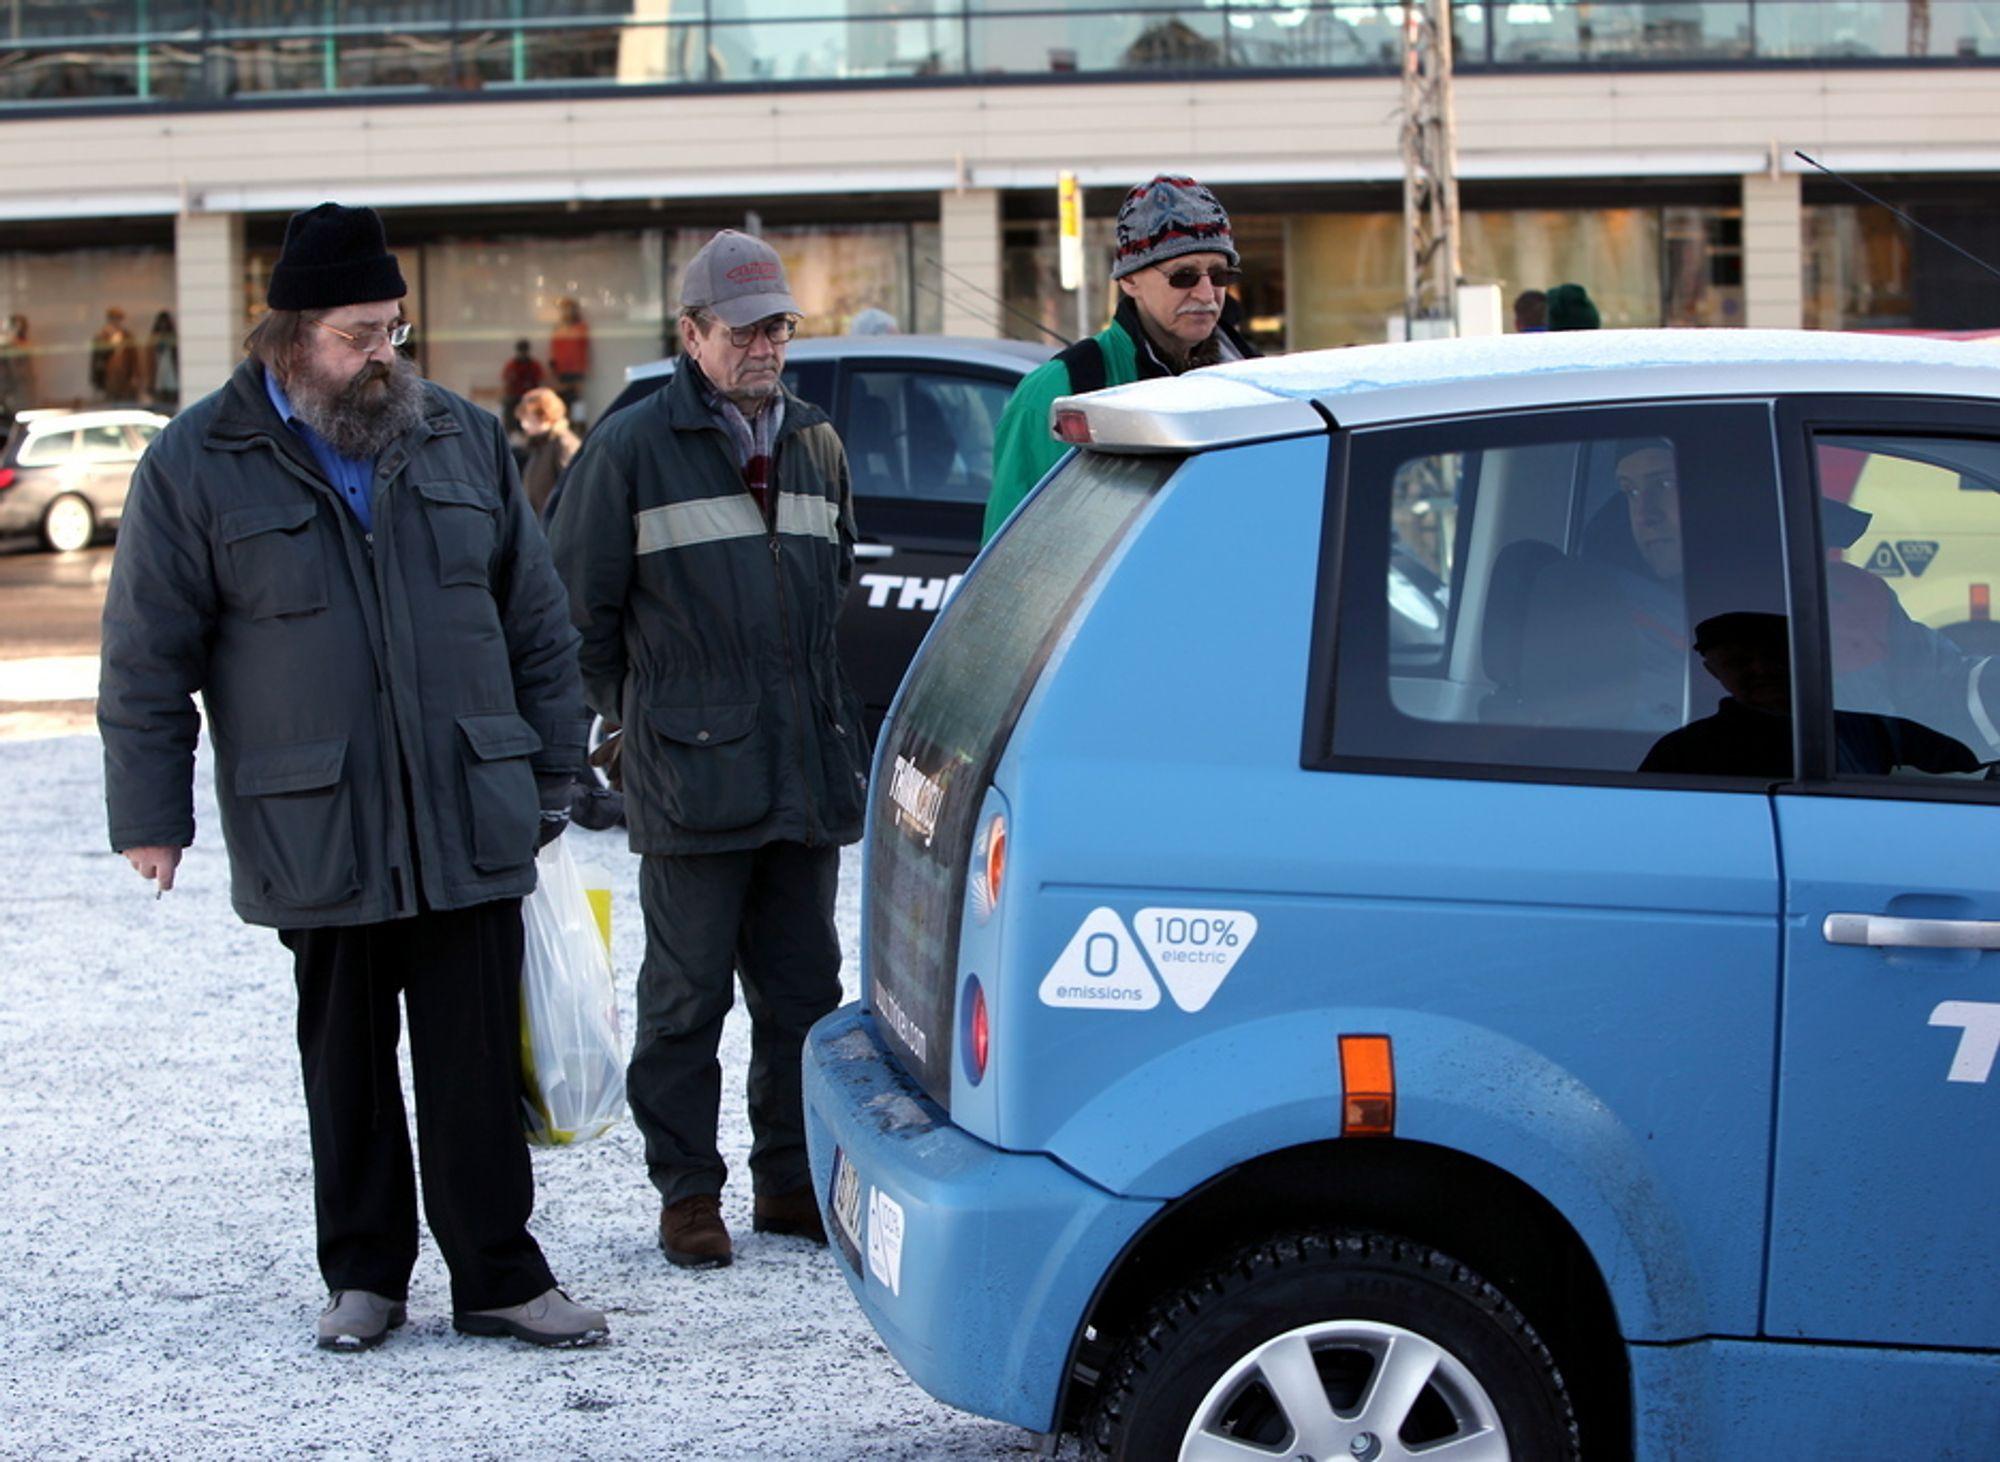 Statlige Investinor var med på redningspakken for Think sammen med Valmet og Ener1 høsten 2009. Et av resultatene var at elbilproduksjonen ble flyttet fra Aurskog til Finland hvor bildet er tatt.